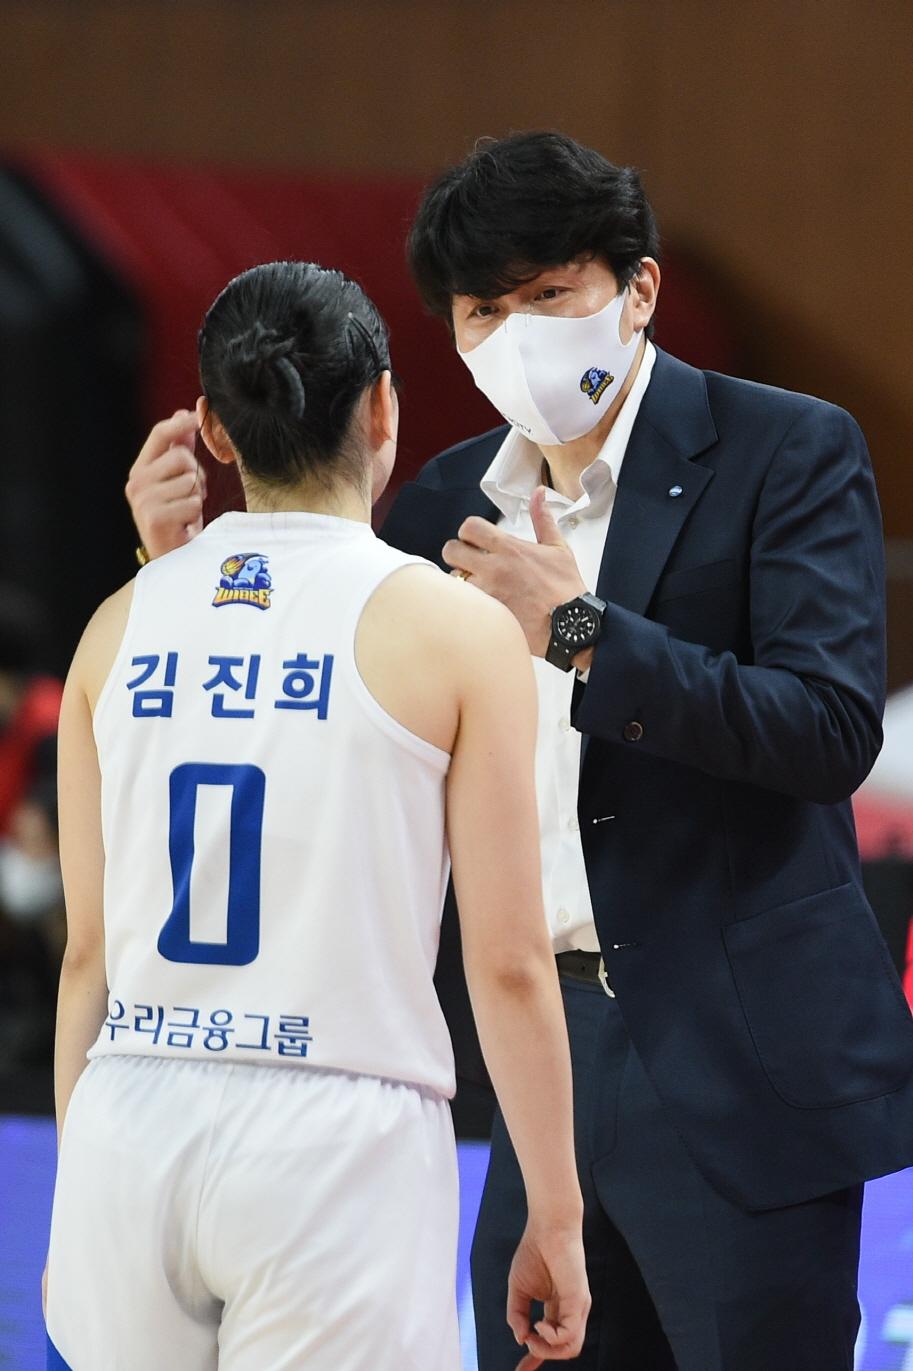 """[우리은행 정규리그 우승] 위성우 감독 """"김진희 홍보람 없었다면 우승 어려웠다"""""""